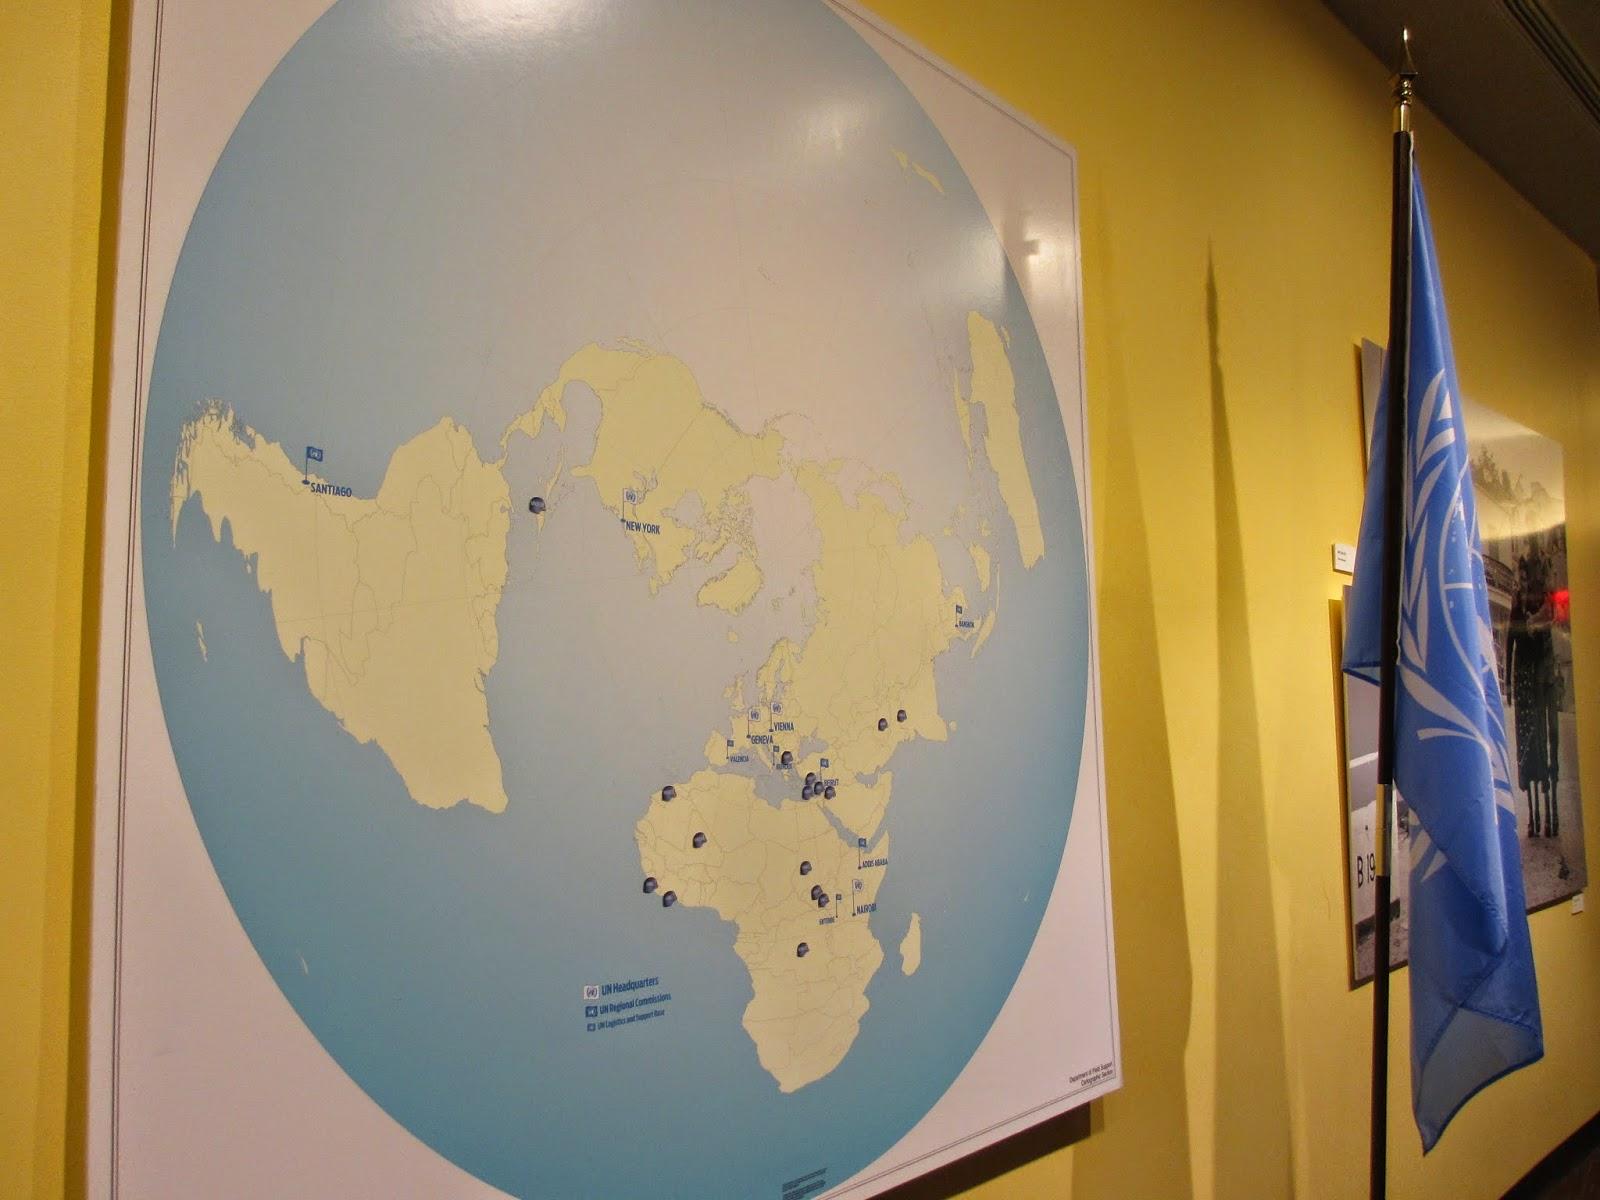 VISITAR A ONU - Aprendendo com uma visita à sede das Nações Unidas em Nova Iorque | EUA